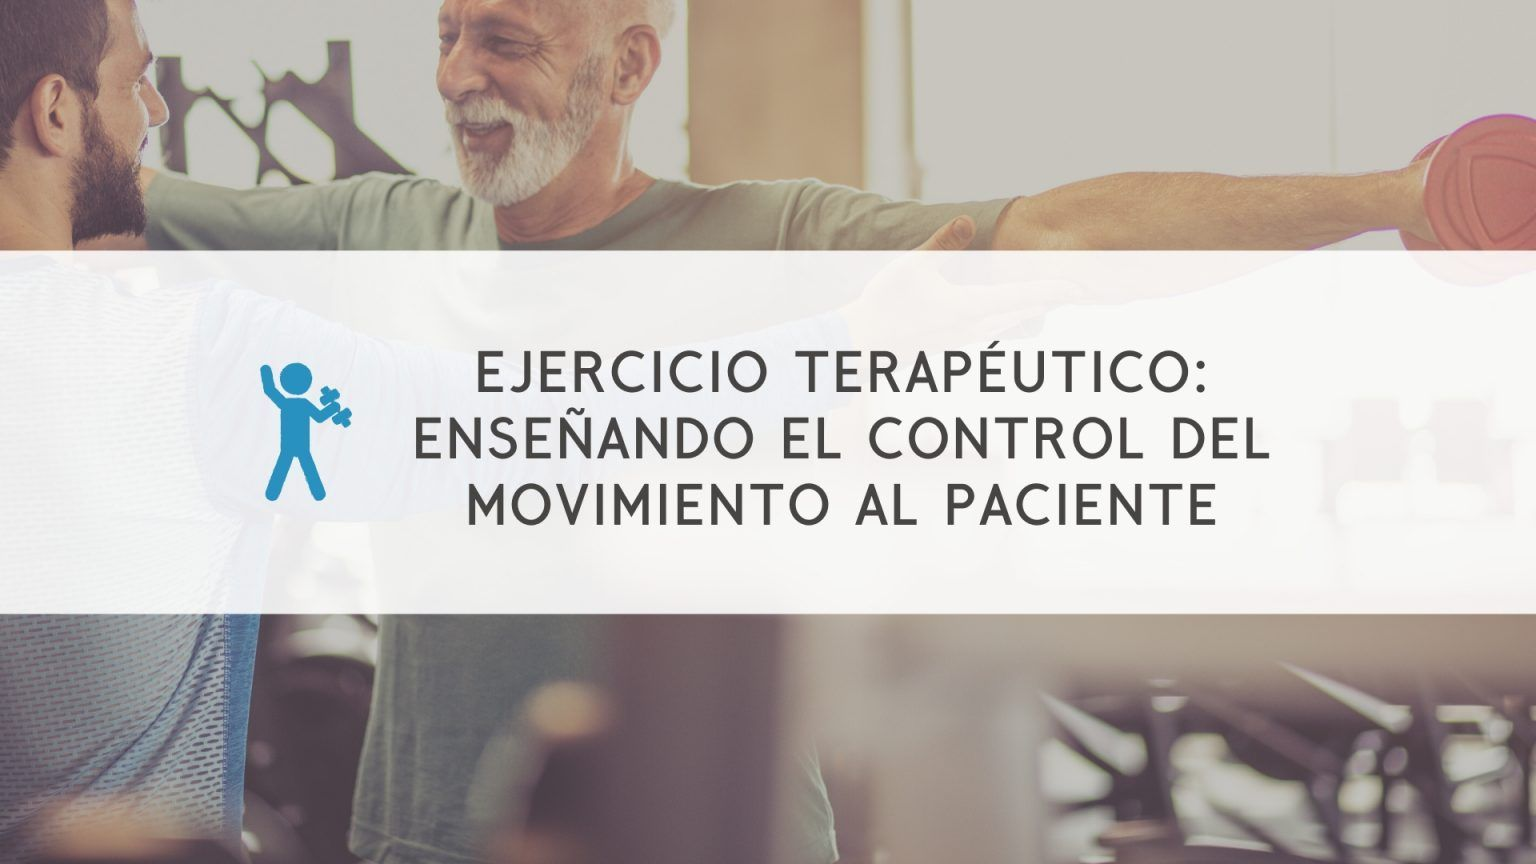 ejercicio-terapeutico-control-movimiento